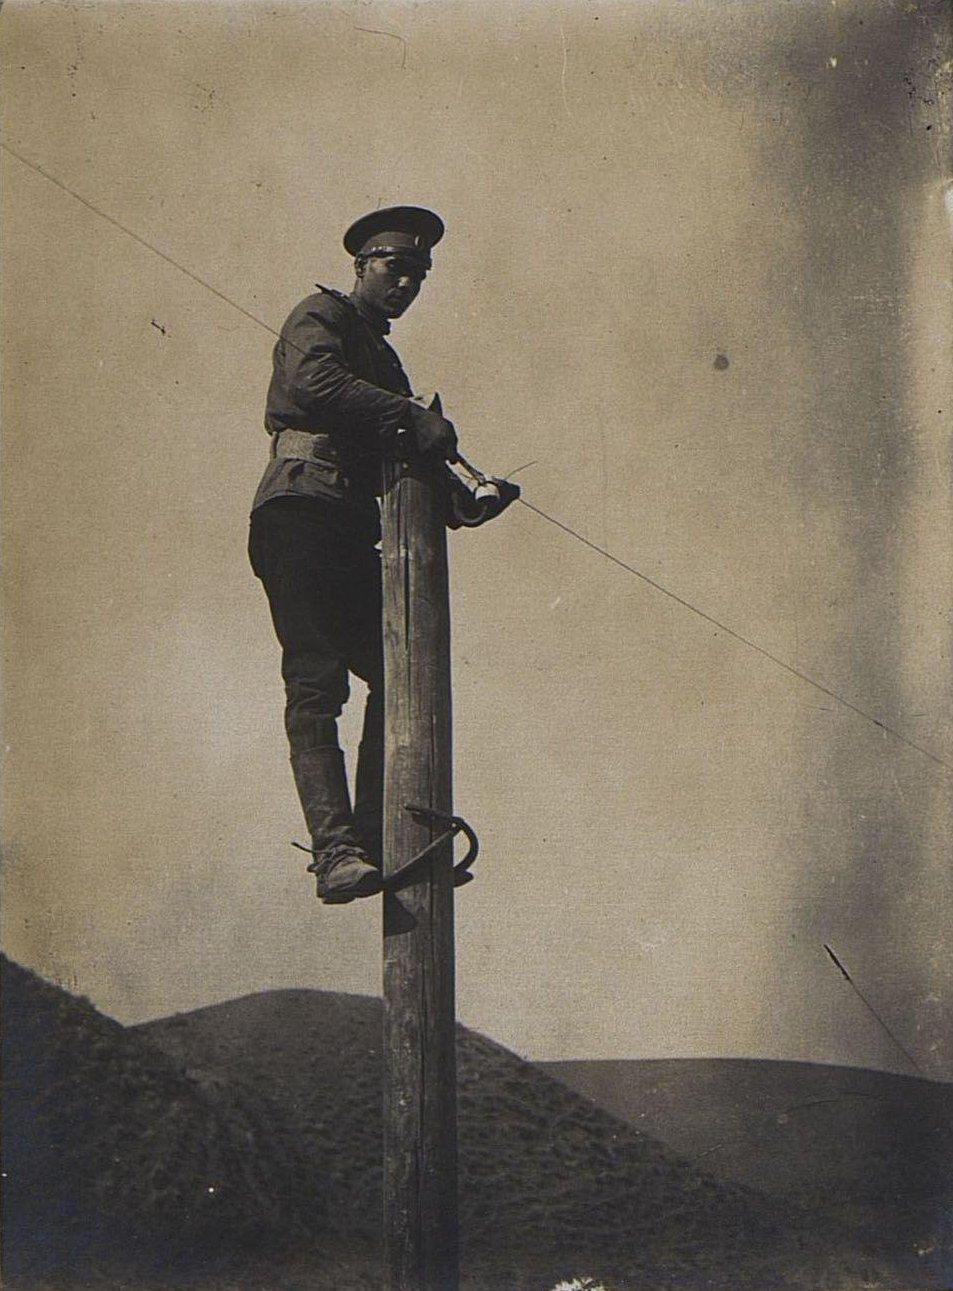 54. Монтировка телеграфной линии. Солдат стоит на столбе, закрепляет проволоку